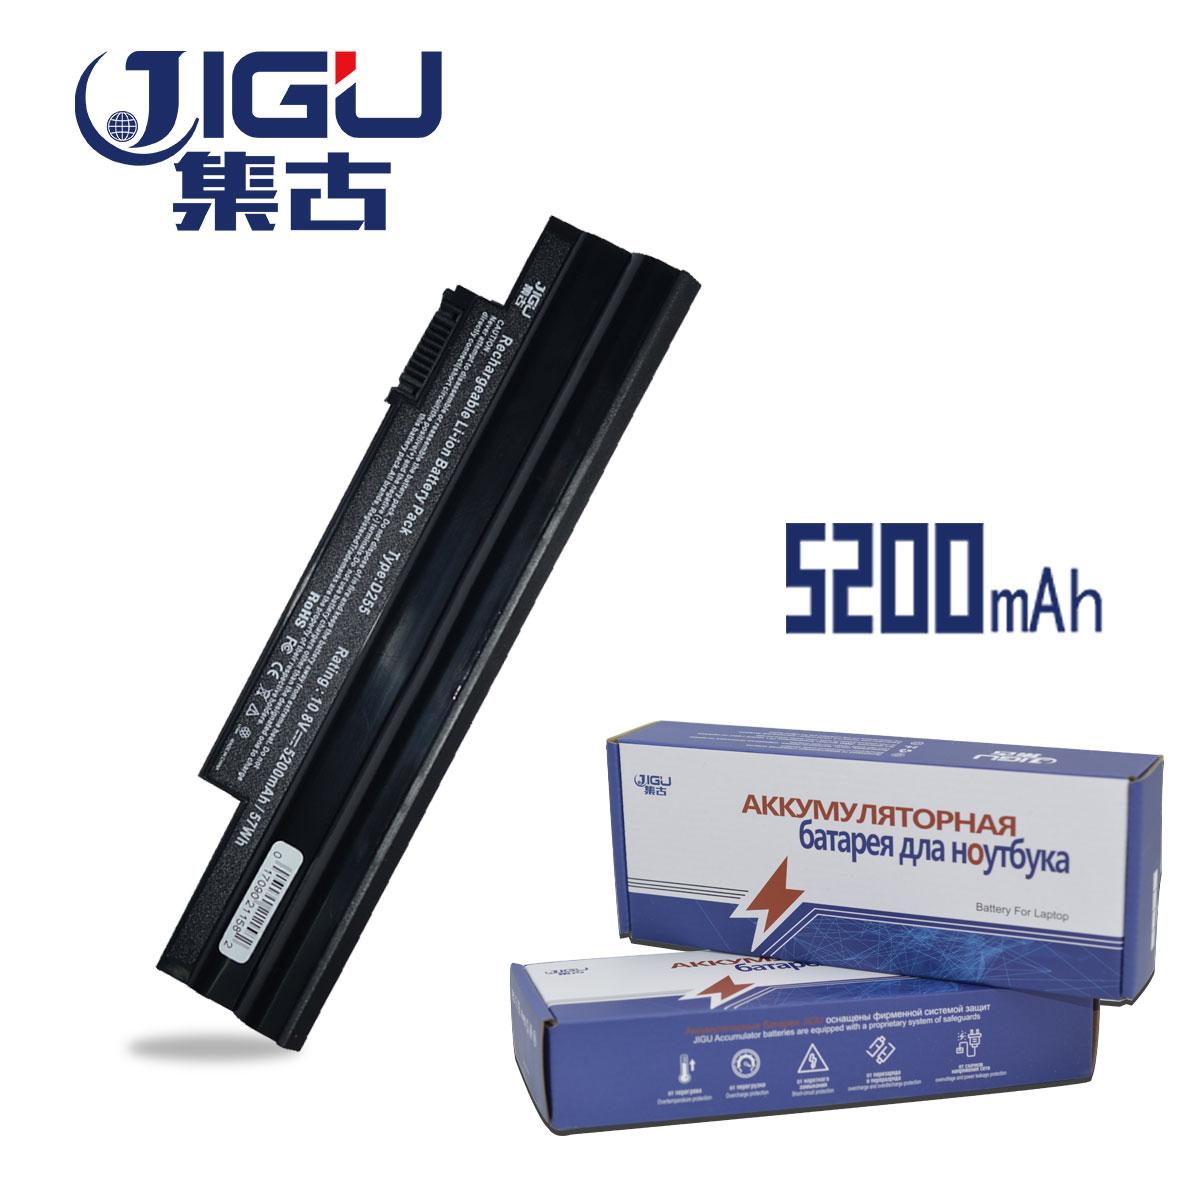 JIGU Battery AOD255 Acer Aspire D257 D270 Chrome AC700 AL10B31 for One/522/722/..